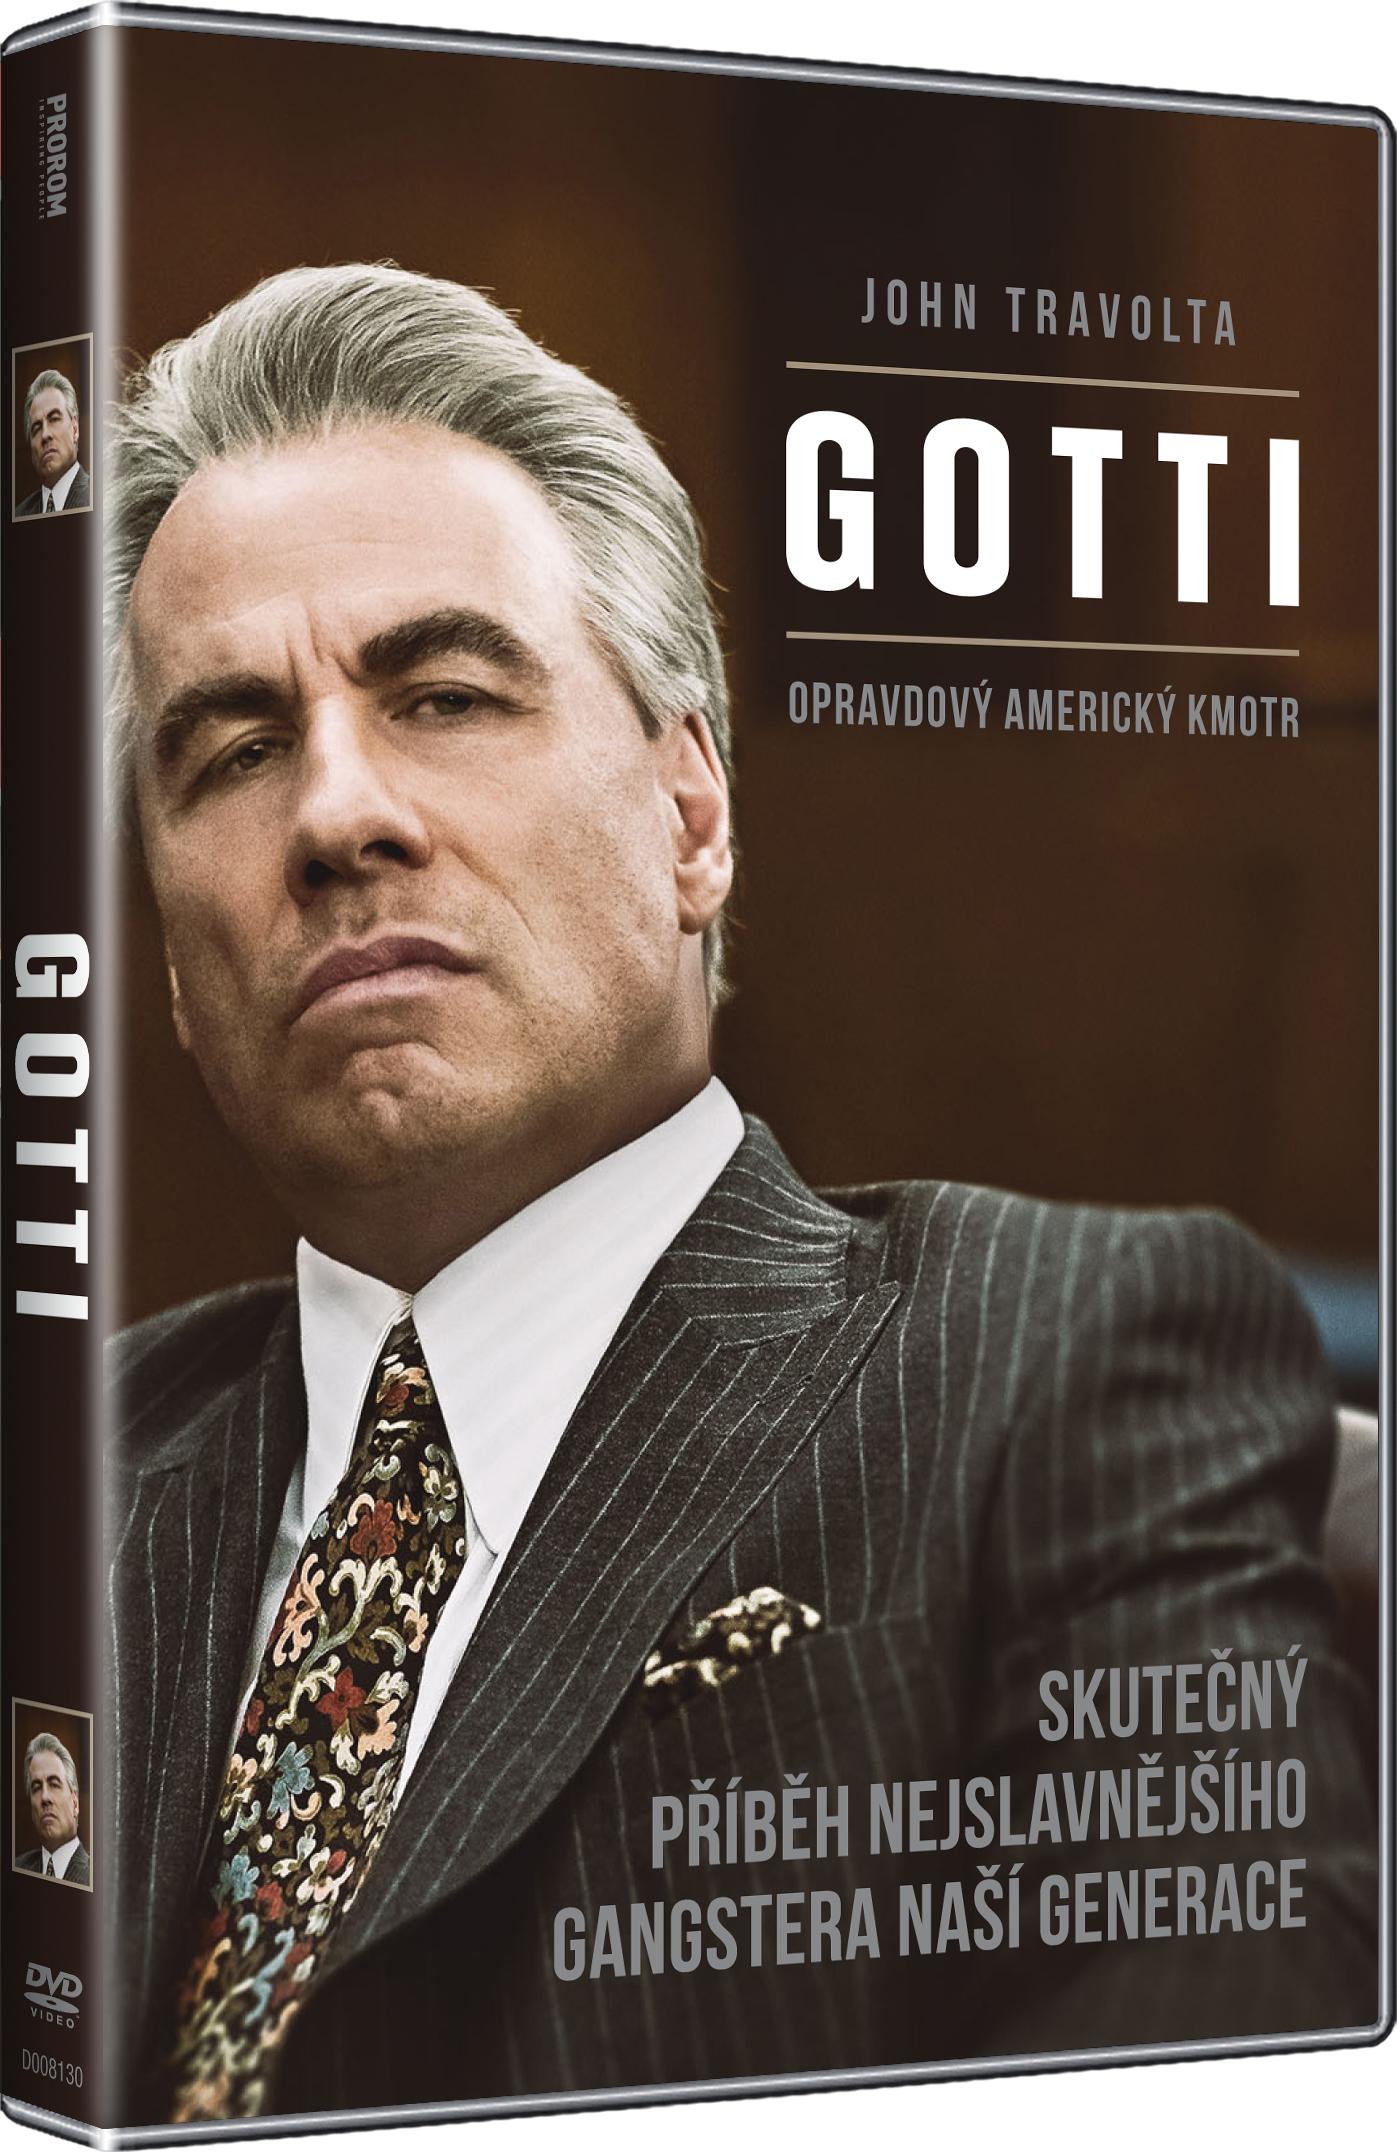 Gotti (2017) DVD